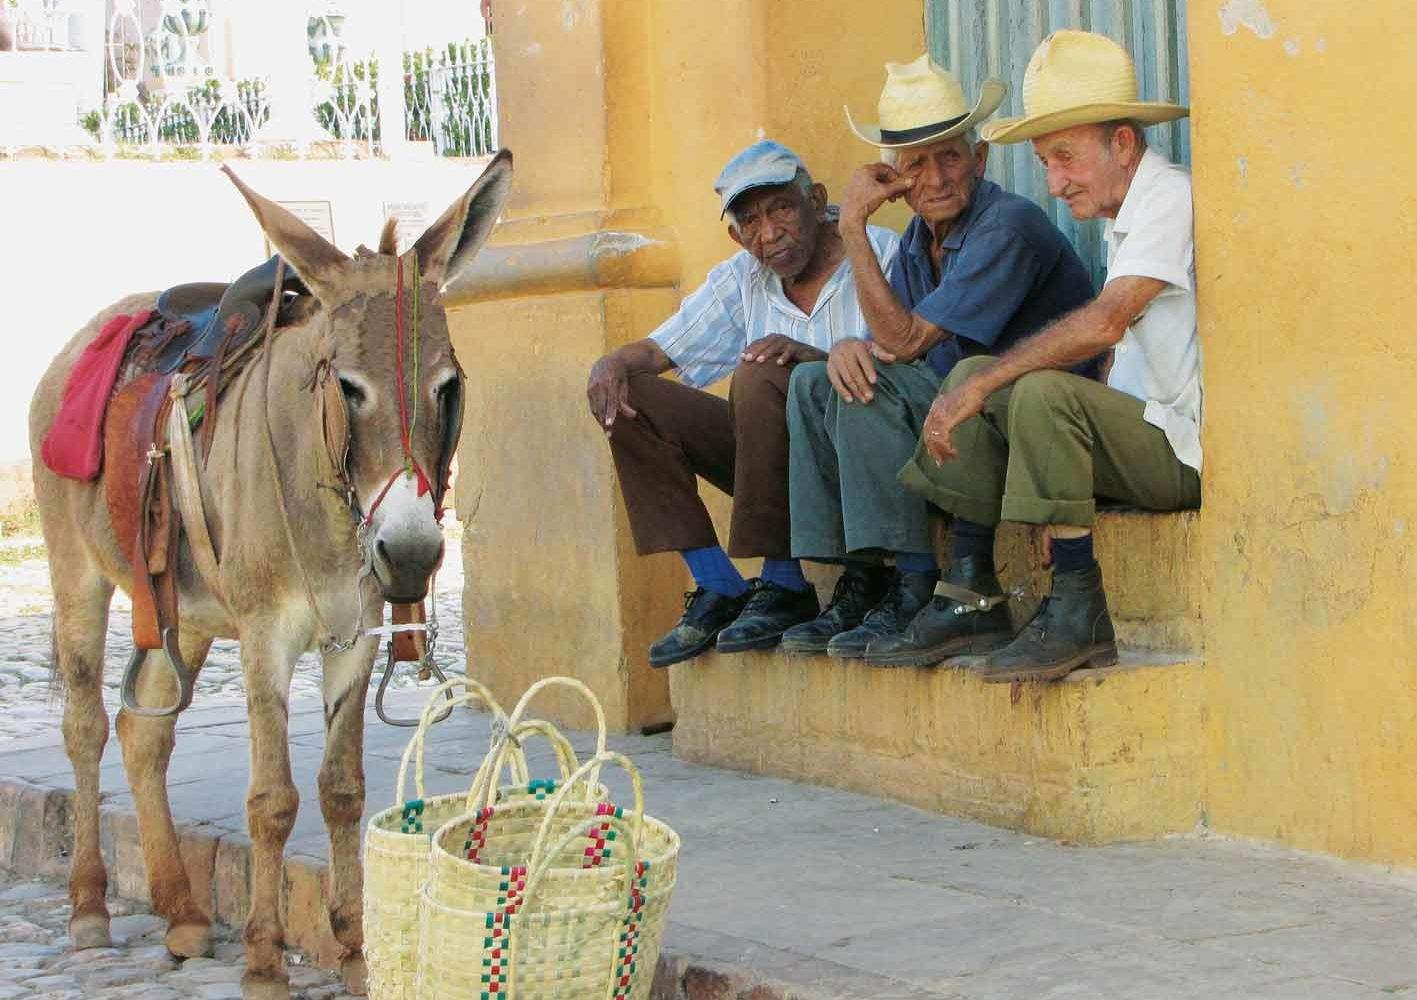 Gemütliches Beisammensein in Trinidad, Kuba